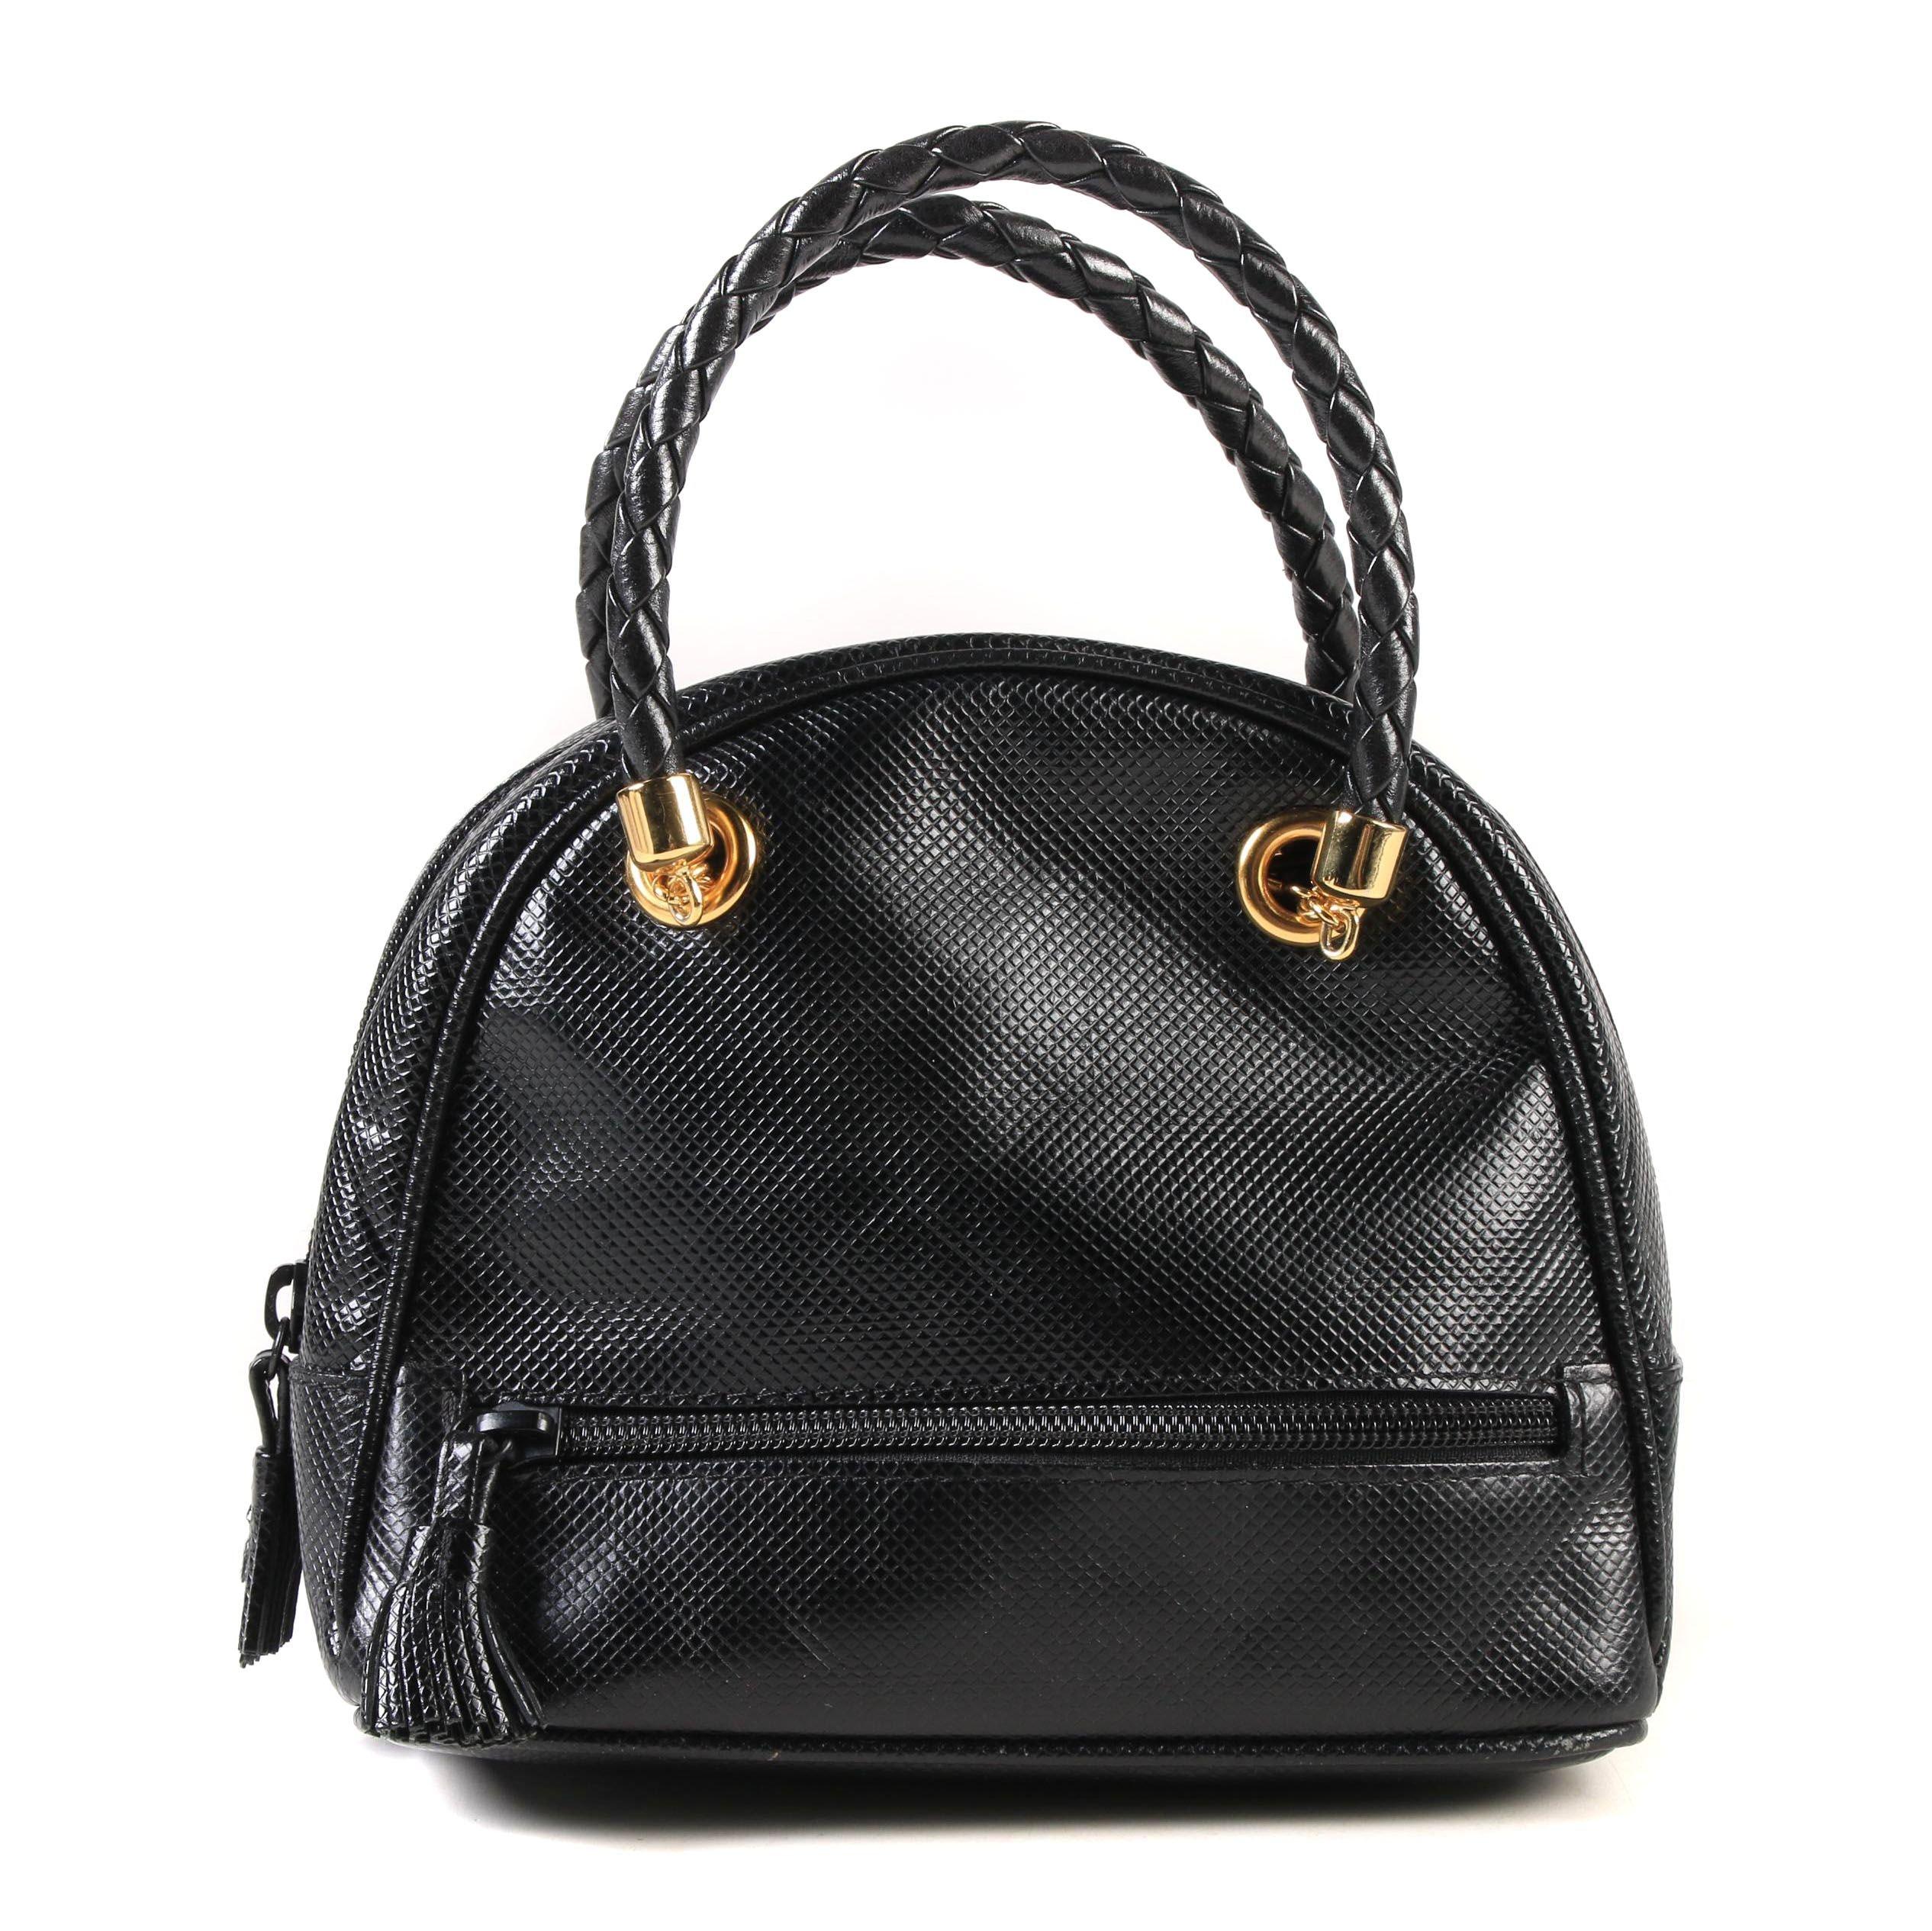 Bottega Veneta Mini Dome Bag in Black Rubberized Canvas with Intrecciato Handles